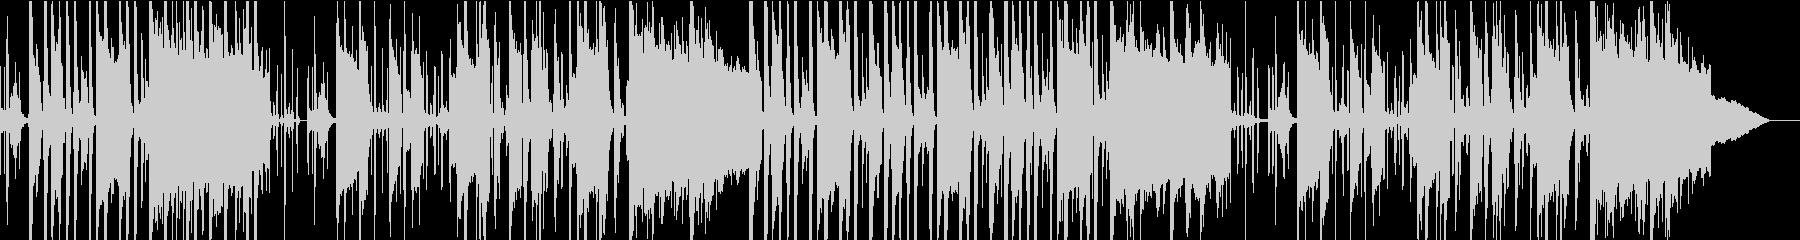 上品で遊び心のあるヒップホップ風BGMの未再生の波形